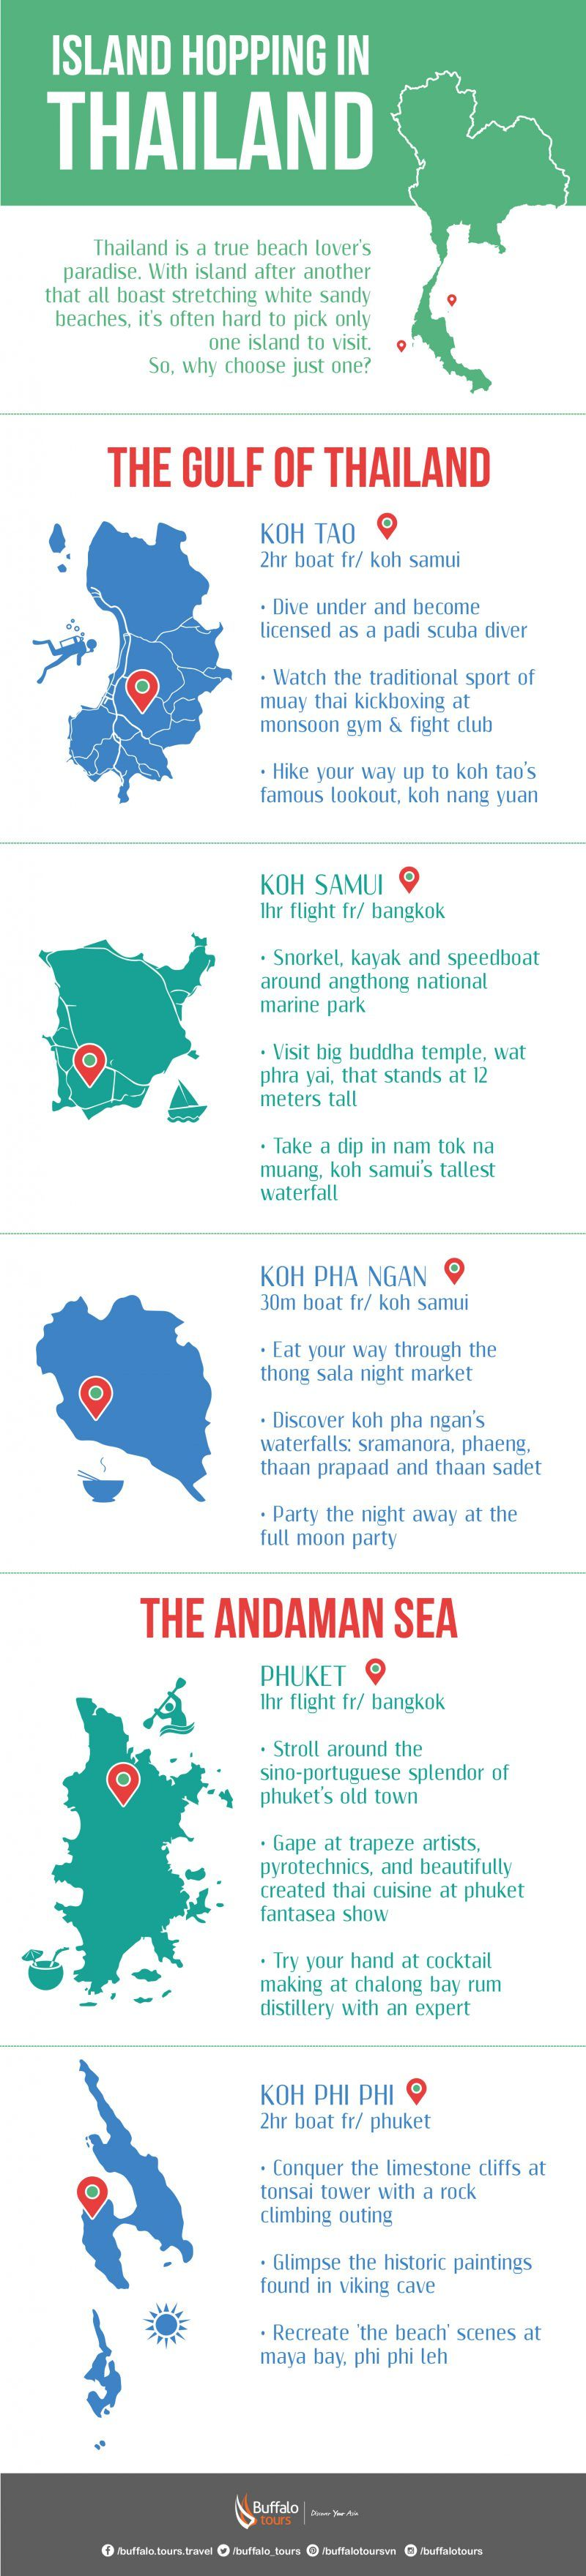 ISLAND HOPPING IN THAILAND ...repinned für Gewinner! - jetzt gratis Erfolgsratgeber sichern www.ratsucher.de